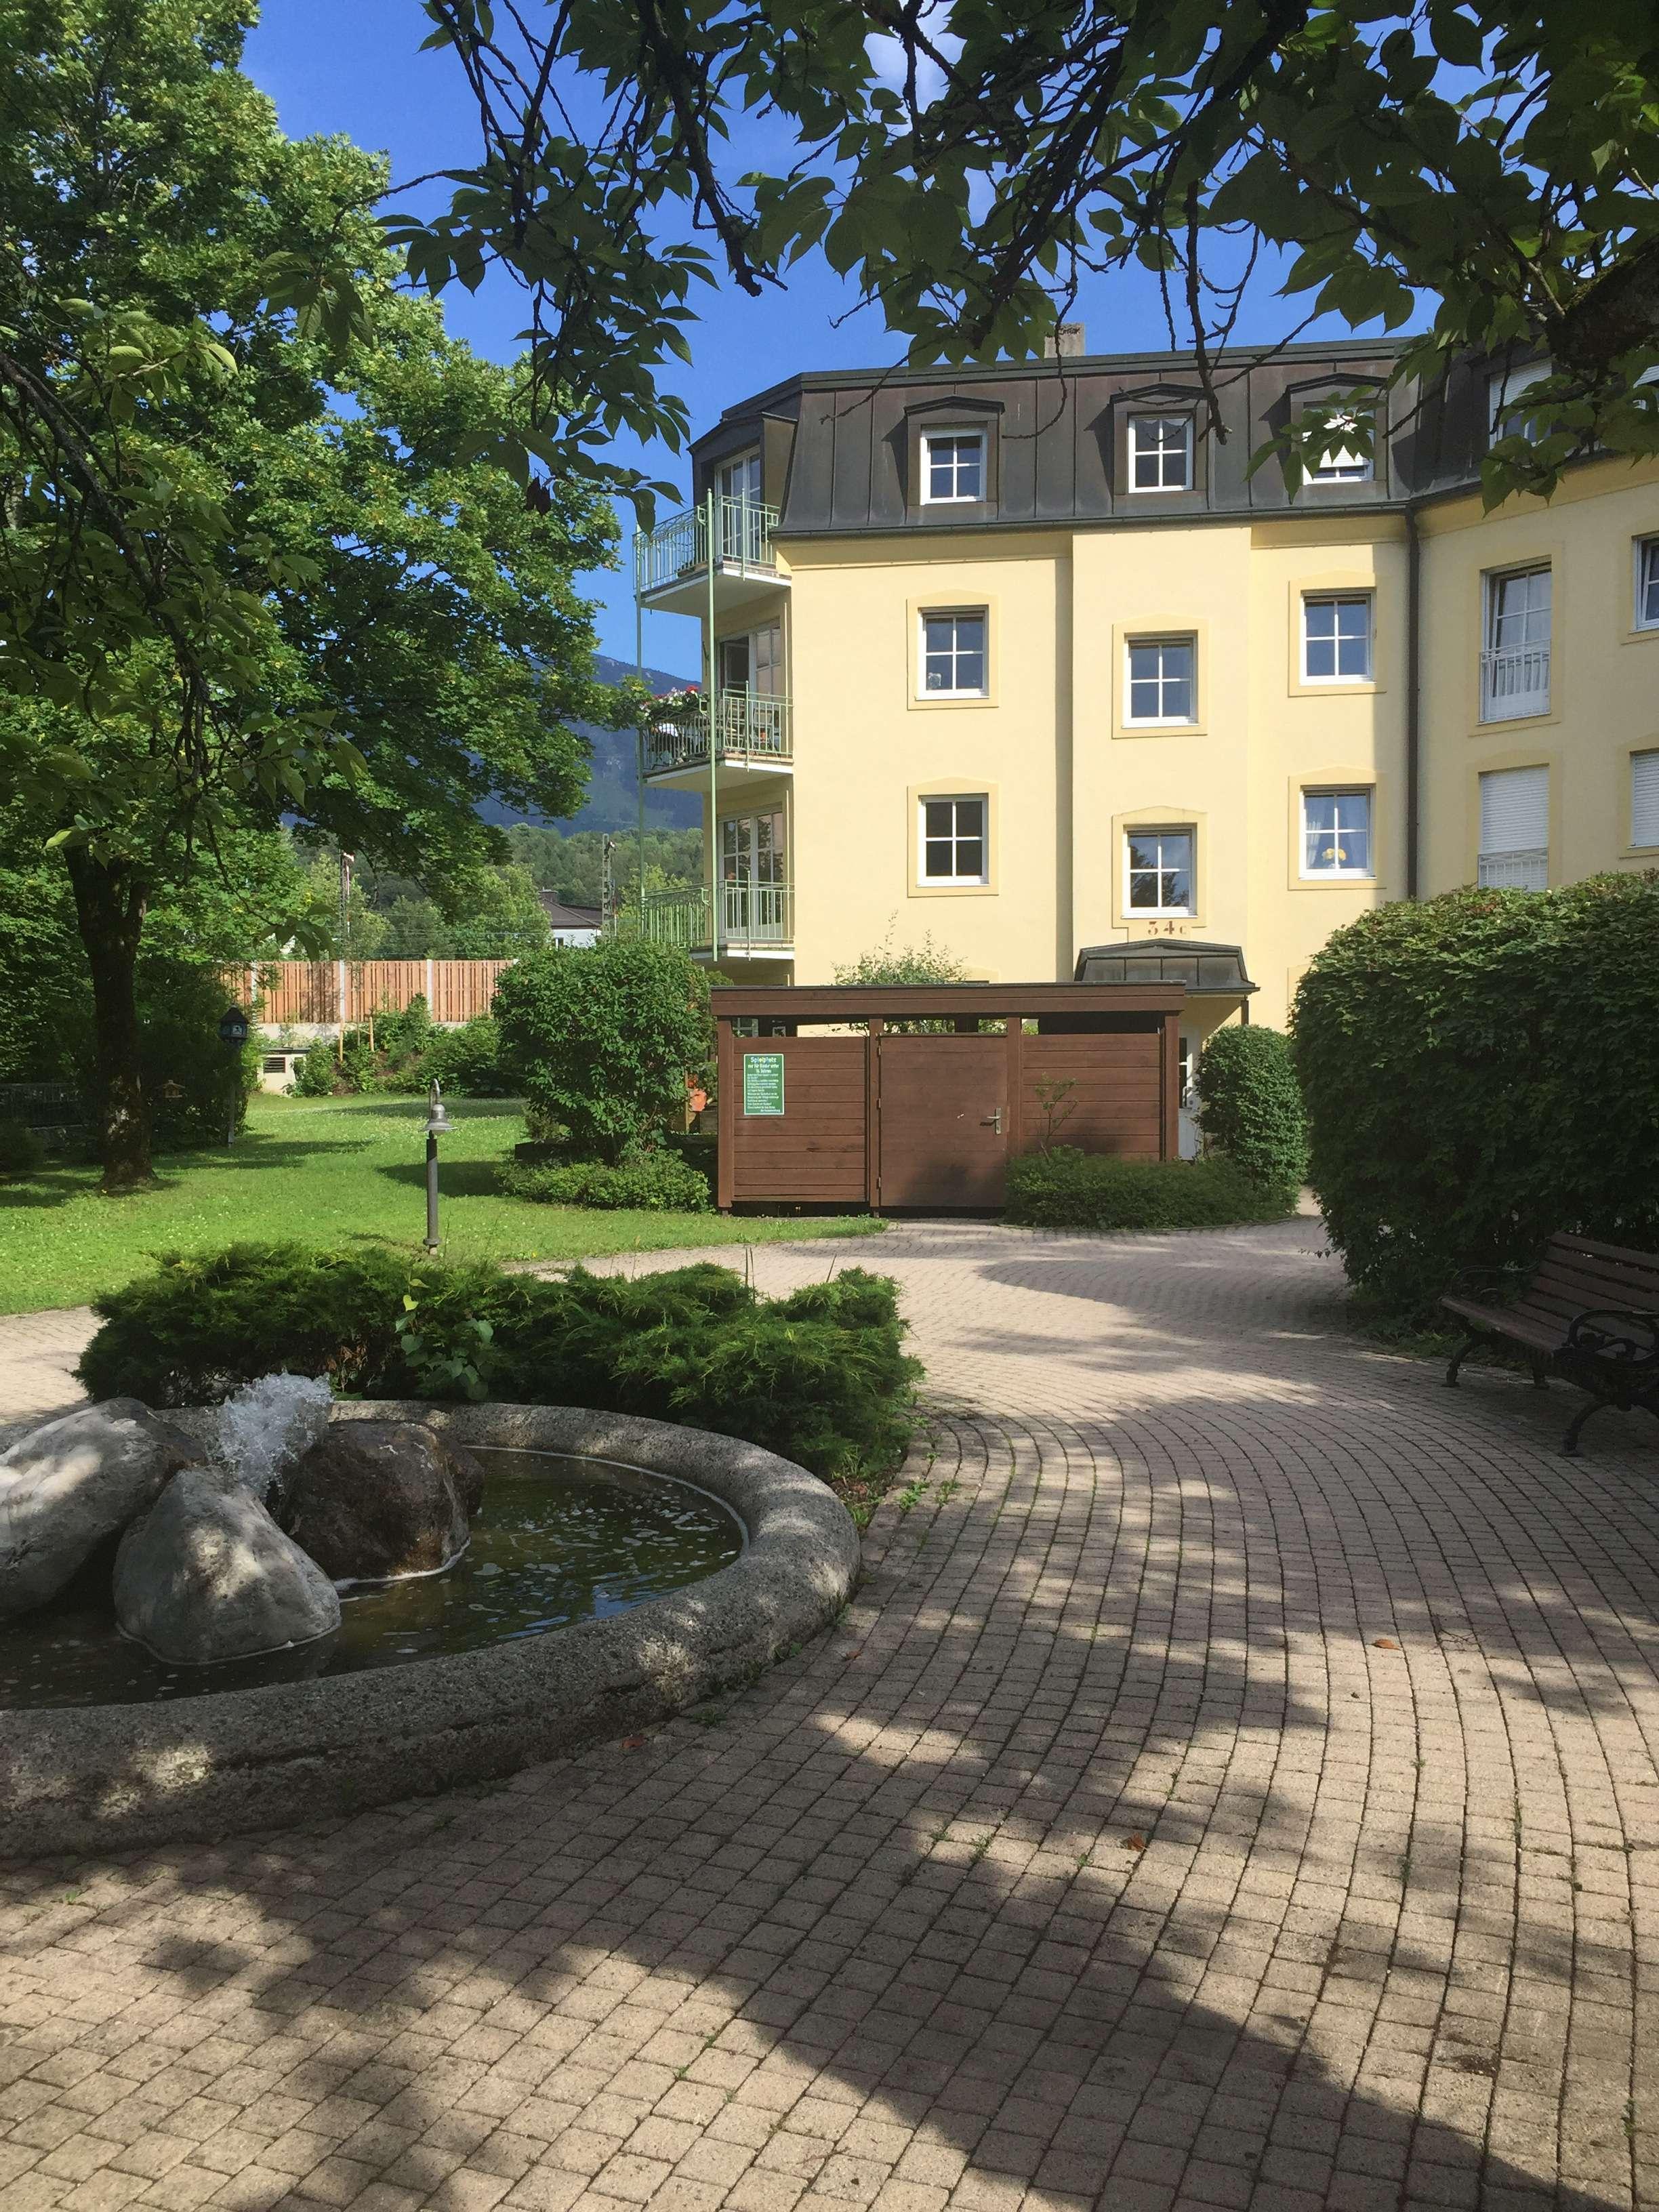 Schöne zwei Zimmer Wohnung in Berchtesgadener Land (Kreis), Bad Reichenhall